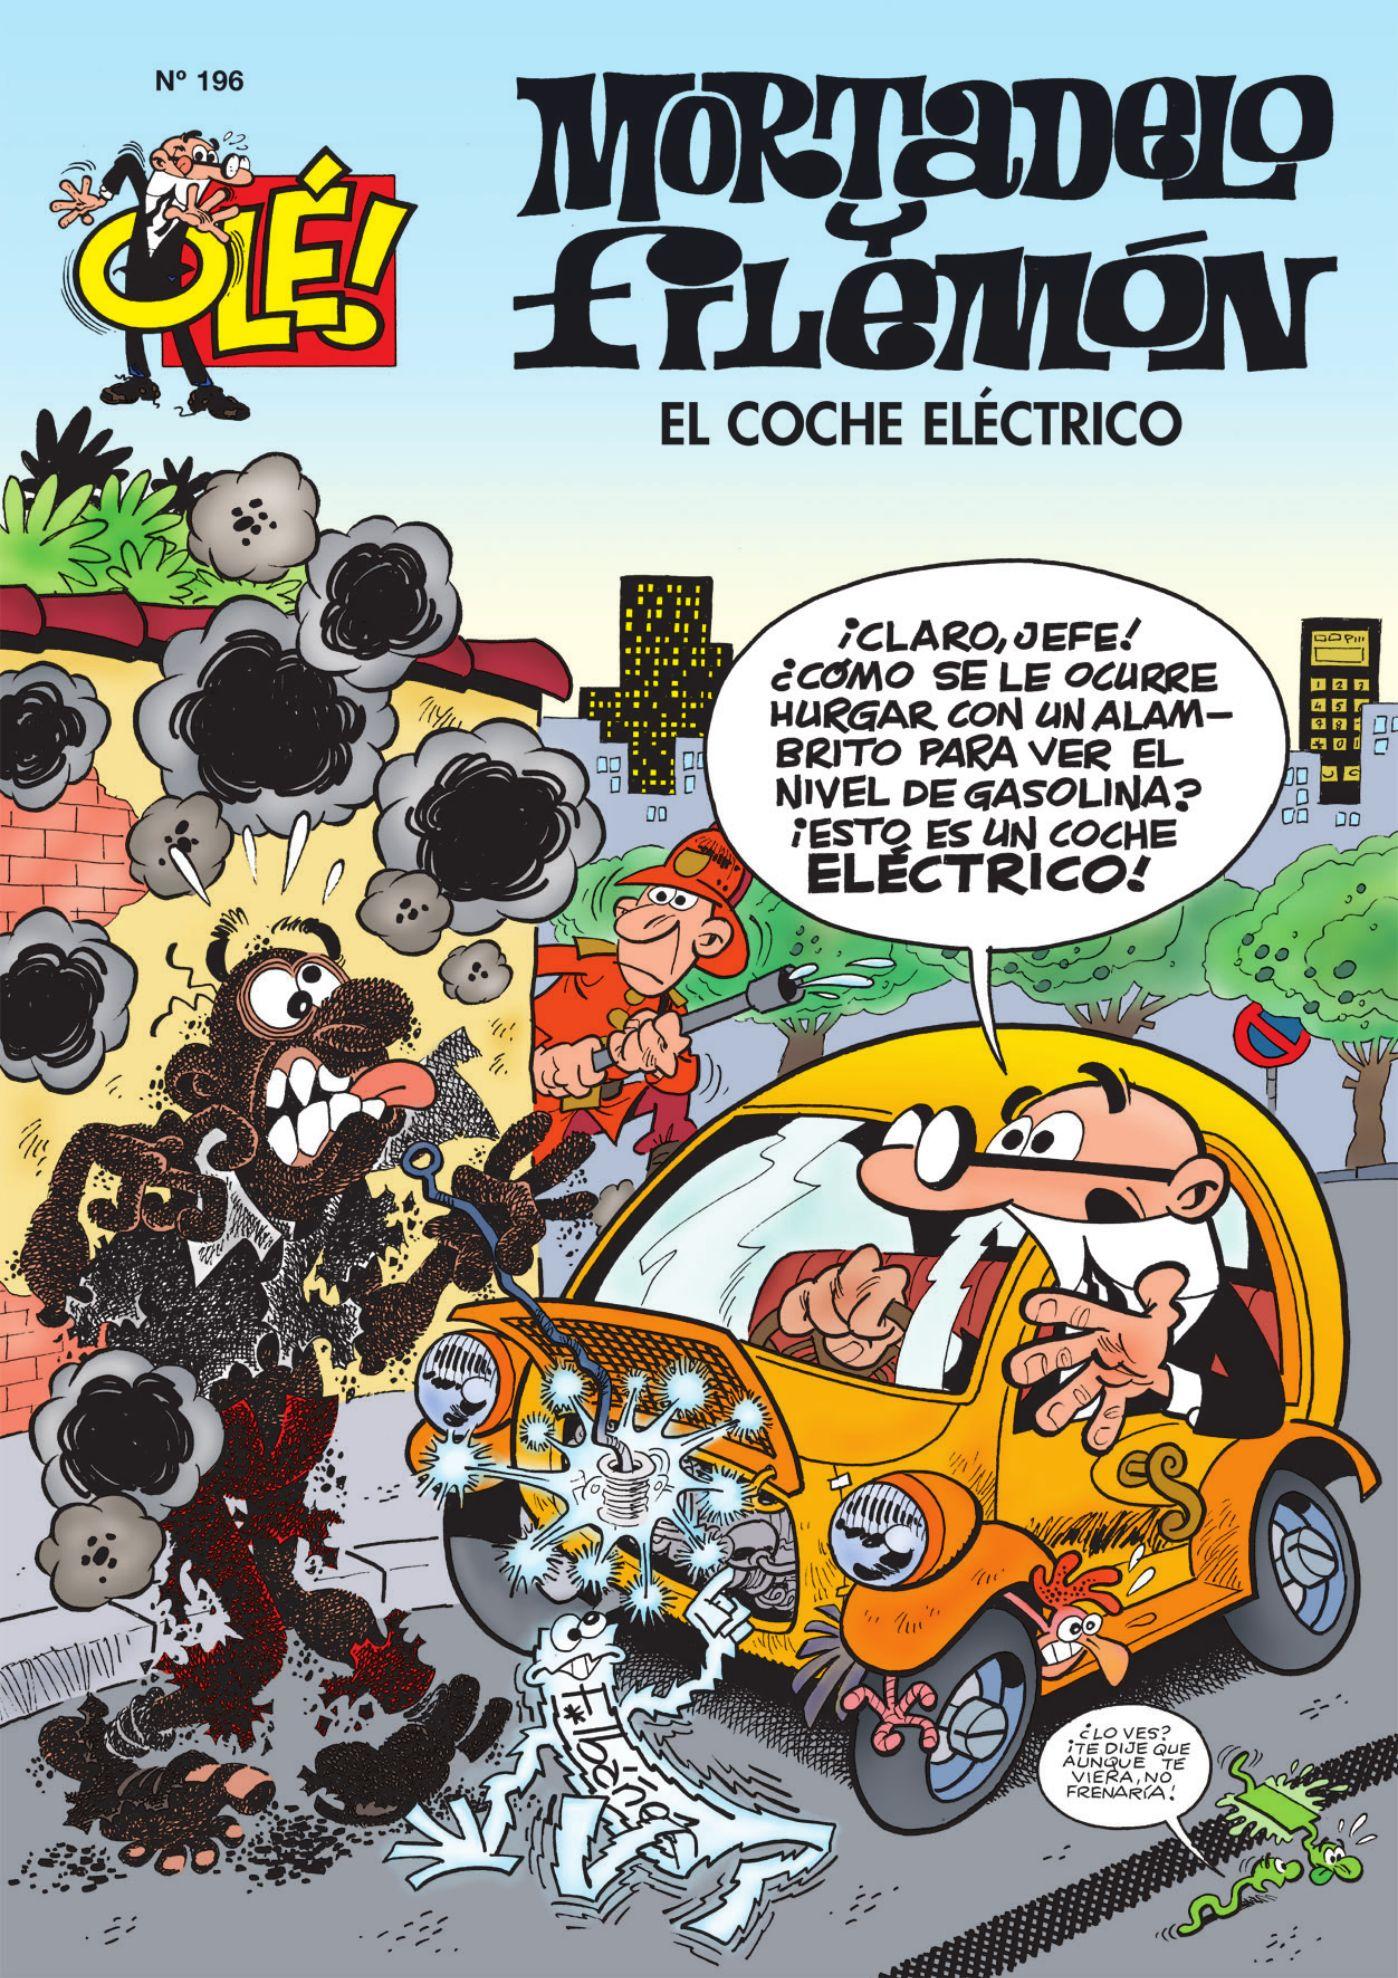 La Pagina no Oficial de Mortadelo y Filemon